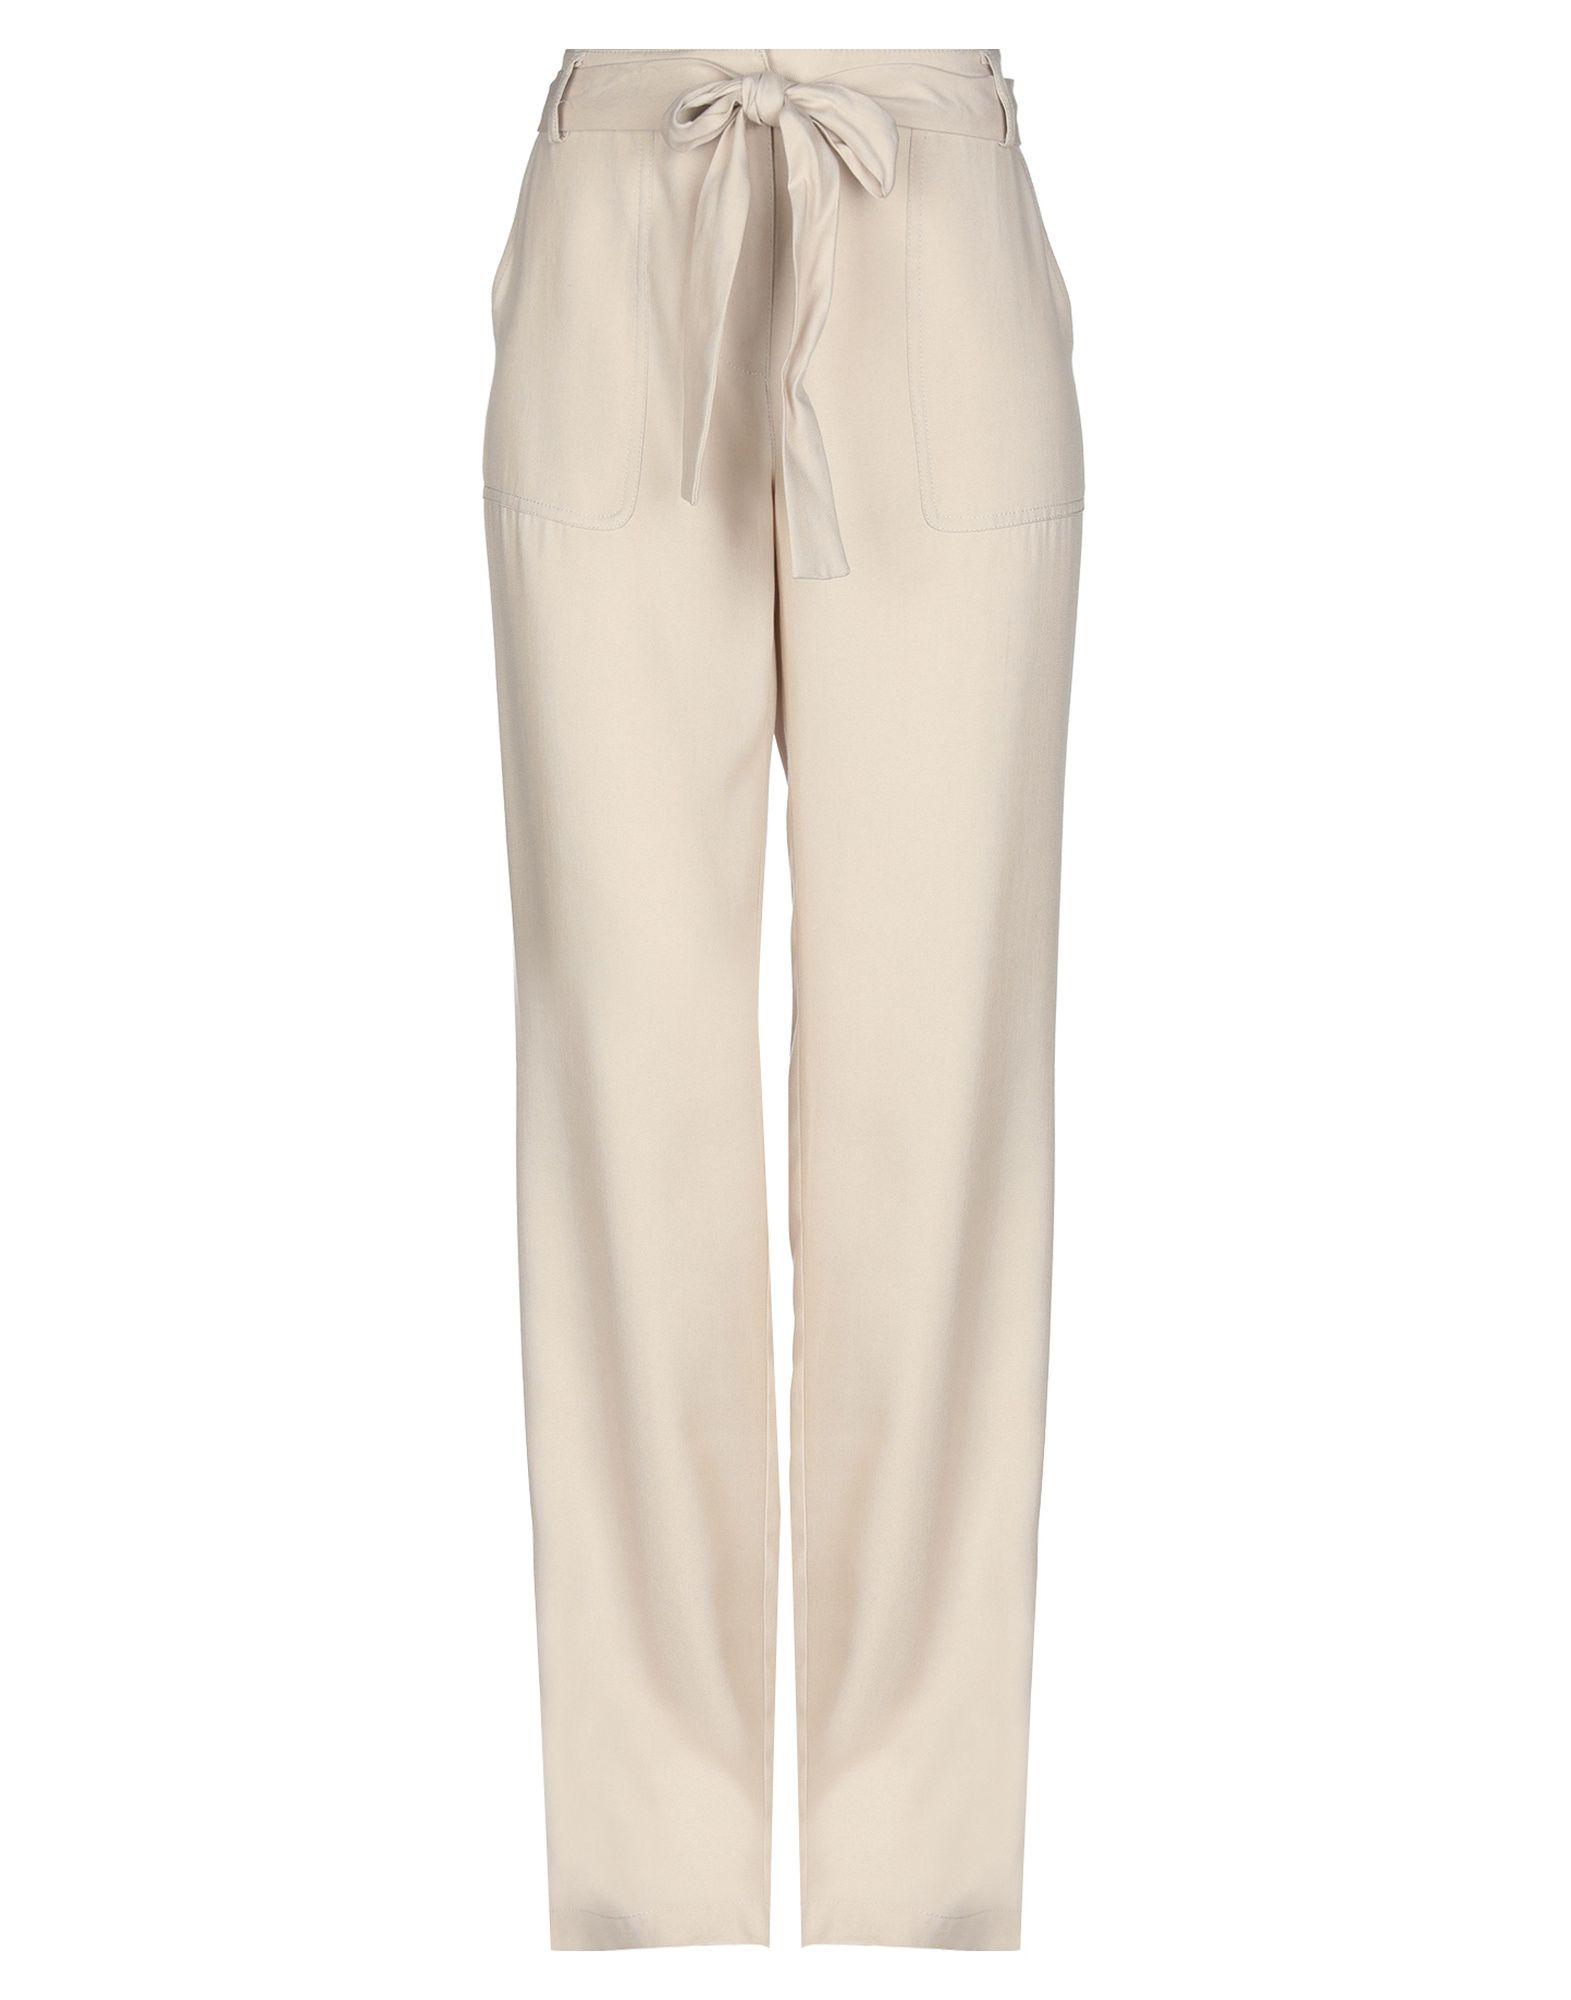 ARMANI JEANS Повседневные брюки ремень armani 90669 jeans page 3